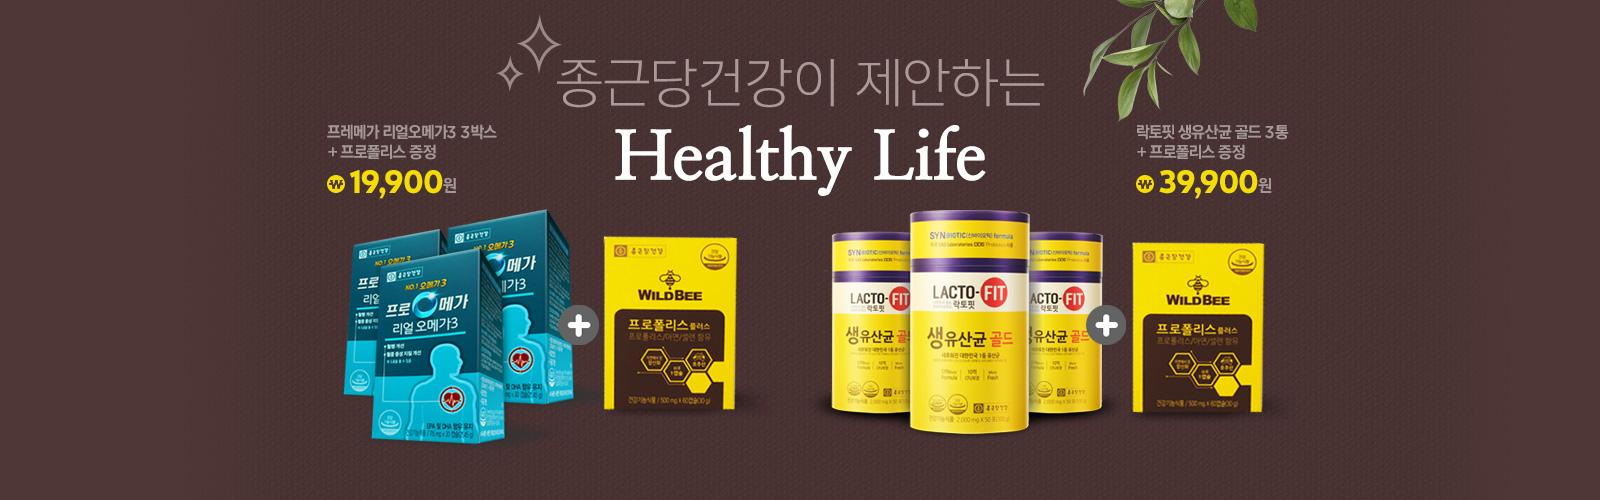 종근당 건강이 제안하는 Healthy Life 프리메가 리얼오메가3 3박스 +프로폴리스 증정 락토핏 생유산균 골드 3통 + 플로폴리스 증정